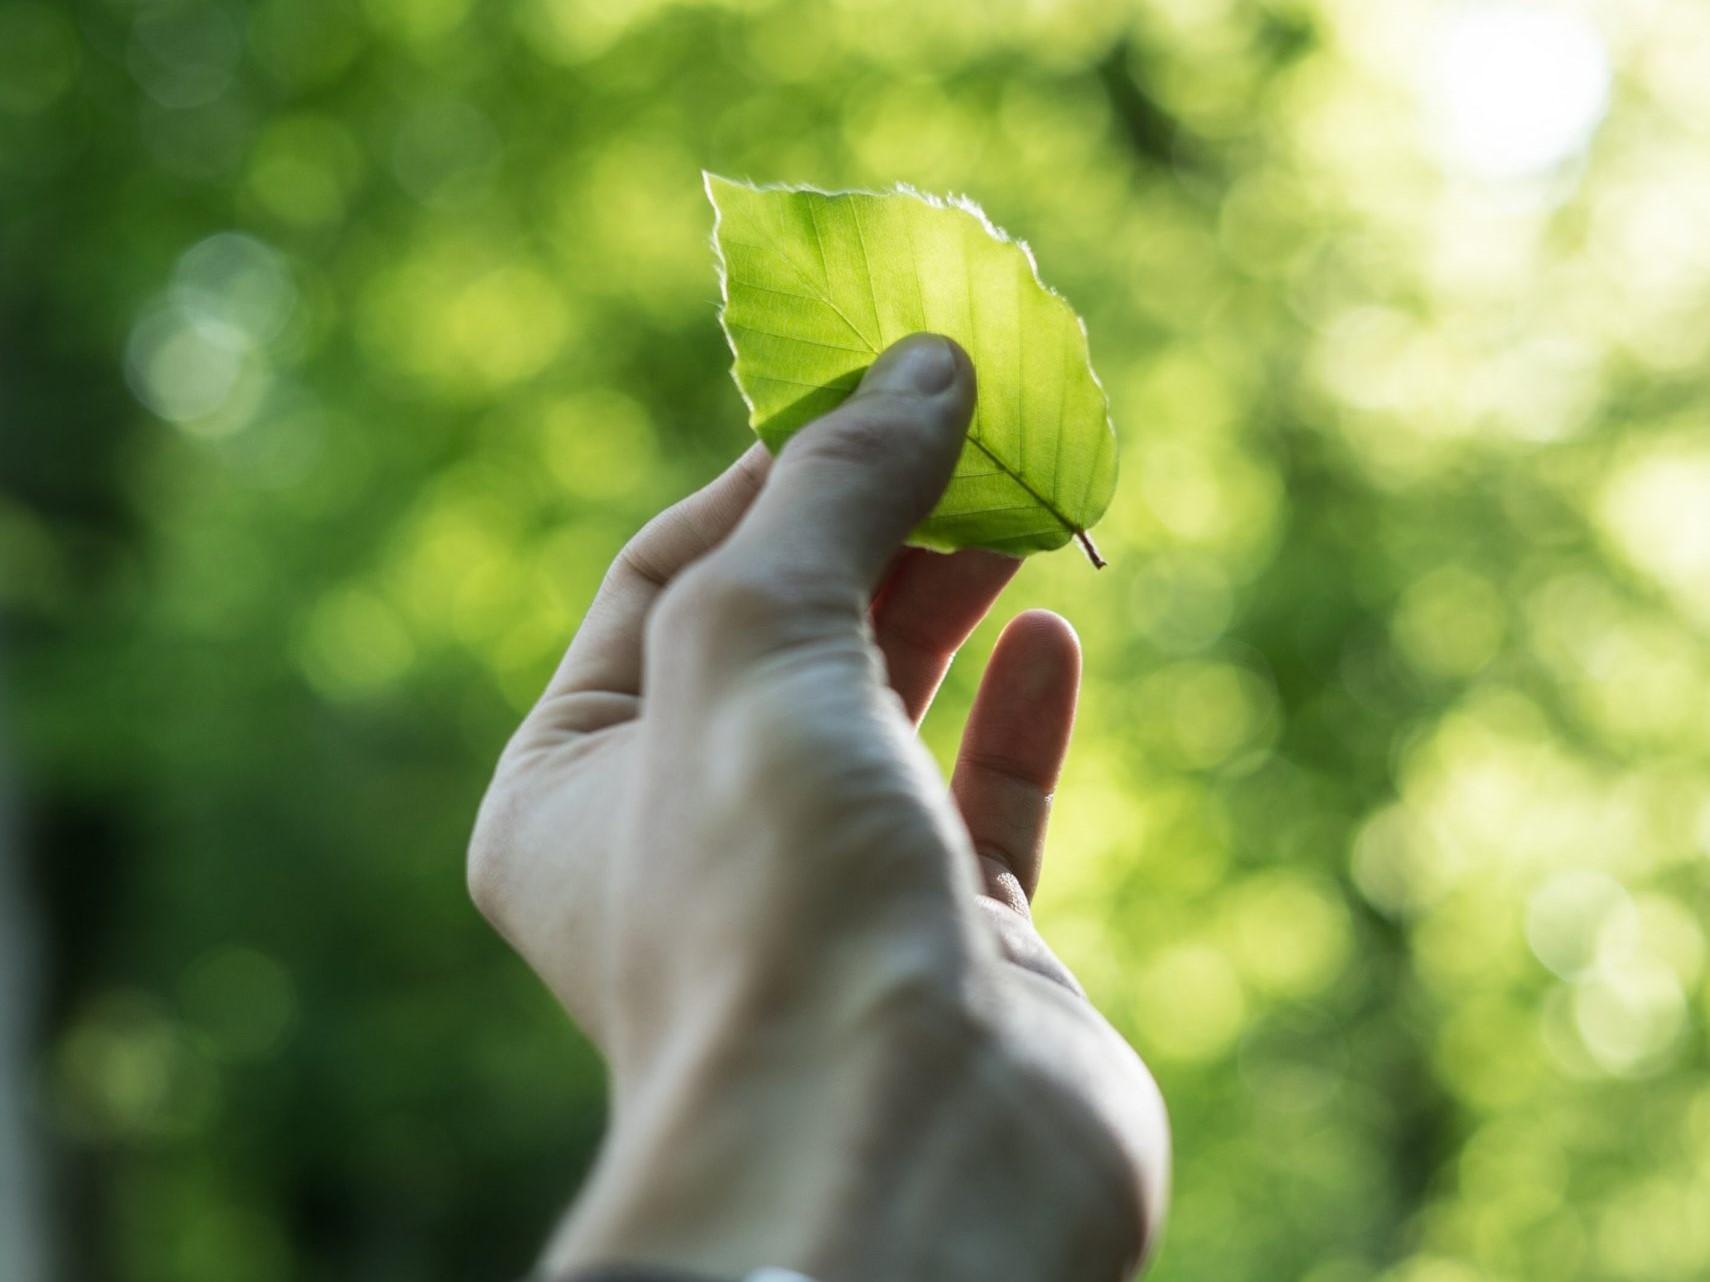 Grünes Blatt mit den Fingern festhalten